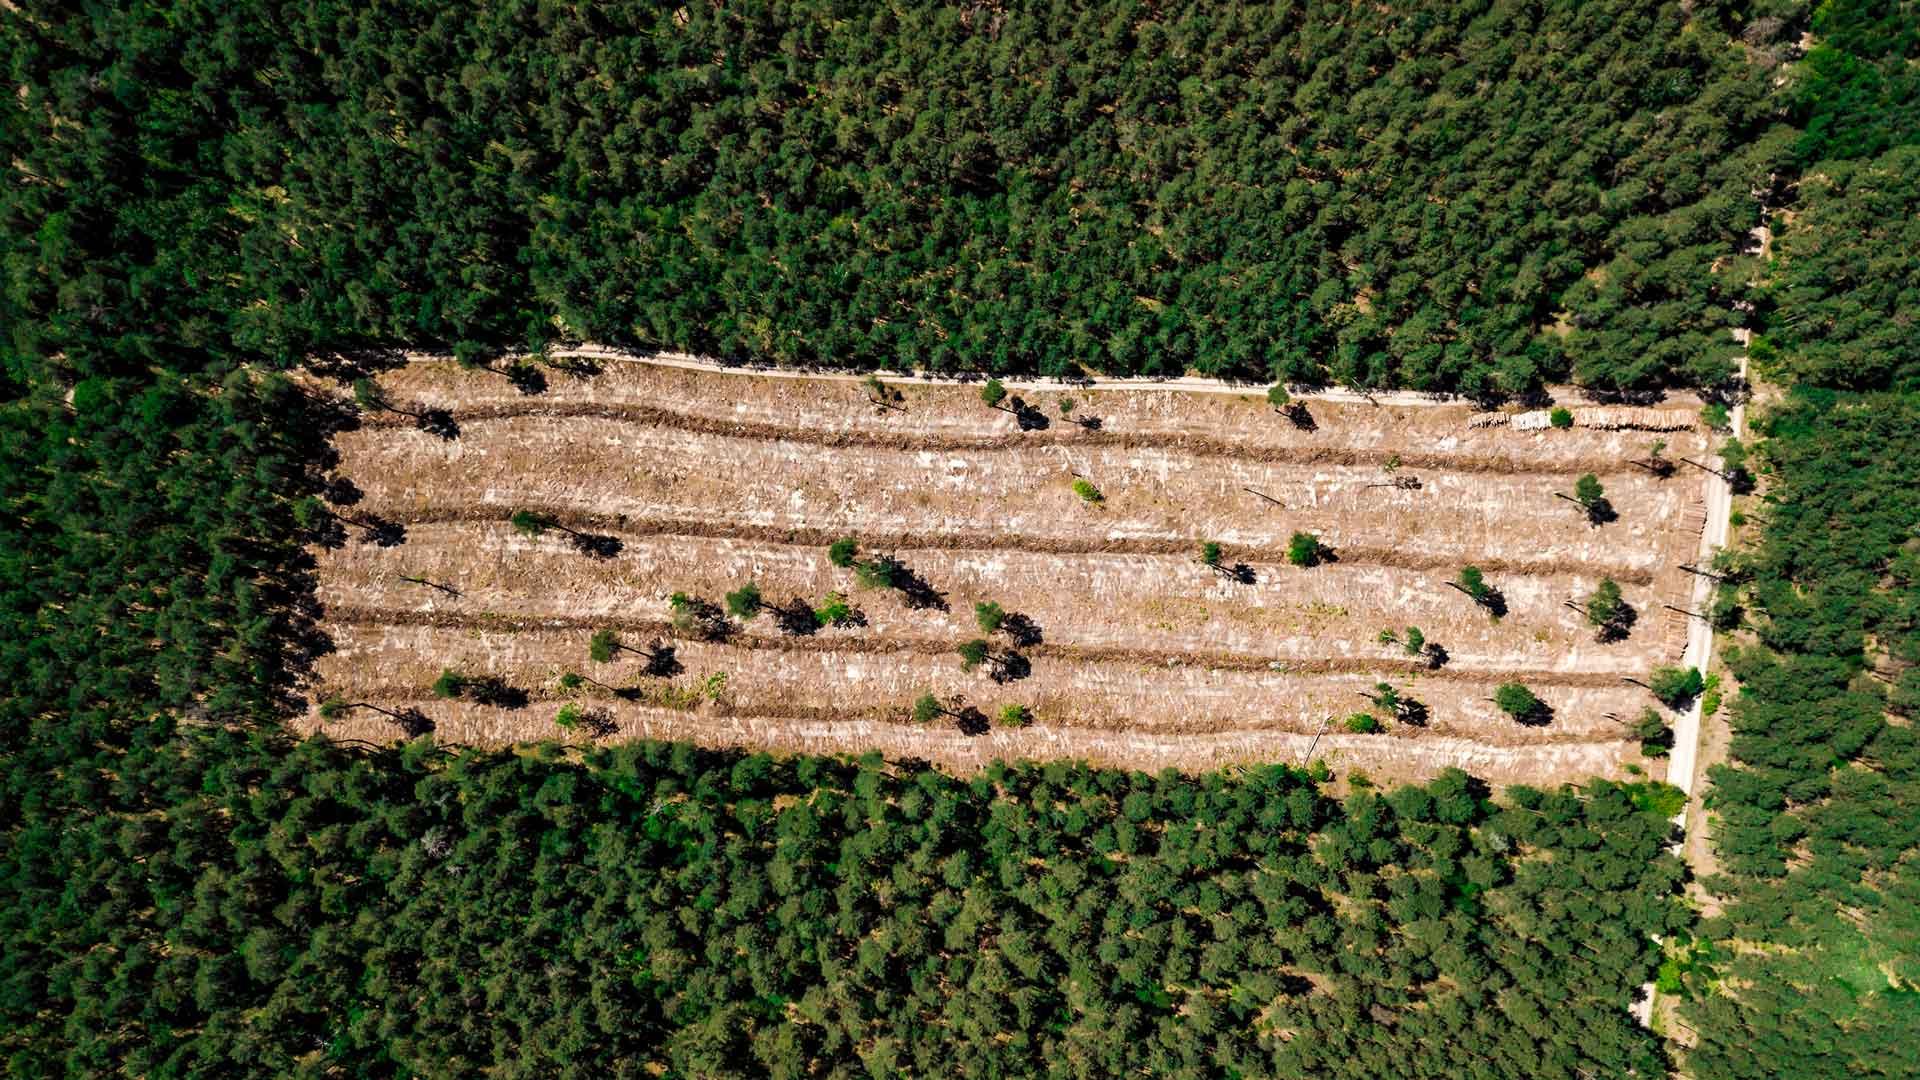 Entwaldung liegt an unserem Konsum